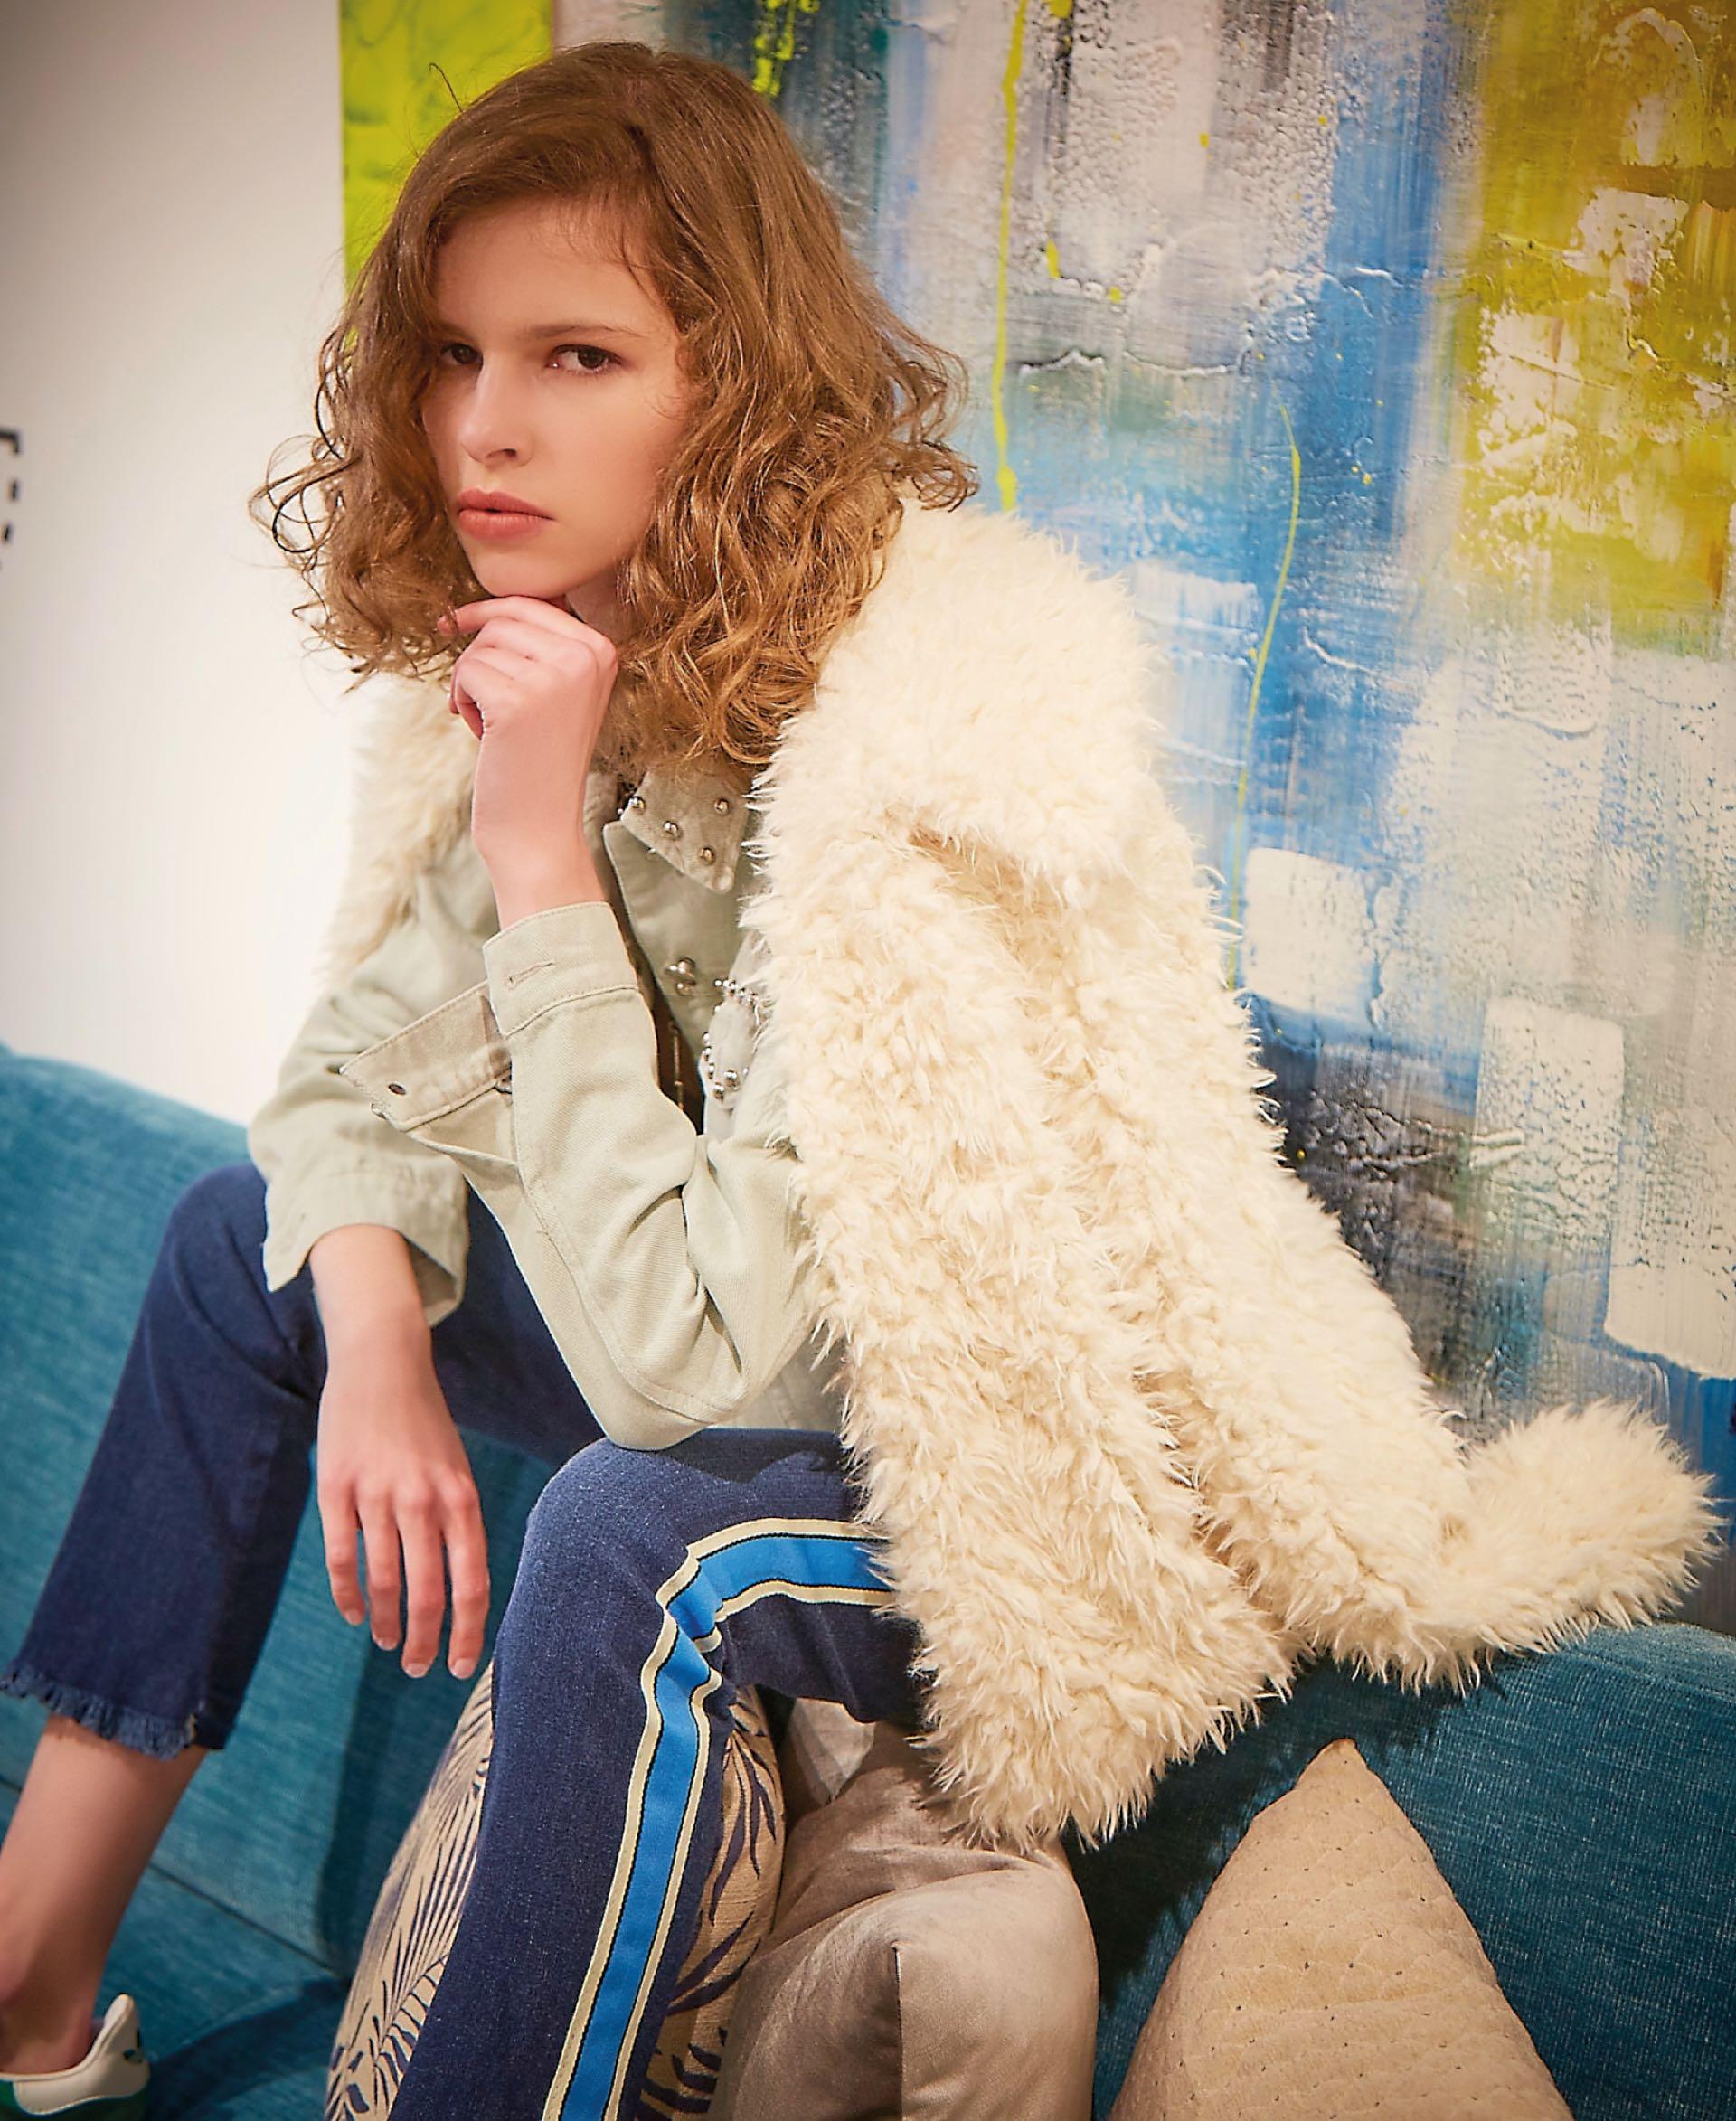 Saco sobre los hombros ($ 3.100, Ríe), campera de jean con tachas ($ 1.899, Inversa), jean con franja lateral ($ 3.190, Wanama) y zapatillas ($ 2.799, adidas).(Foto: Marcello Molinari/ Para Ti)